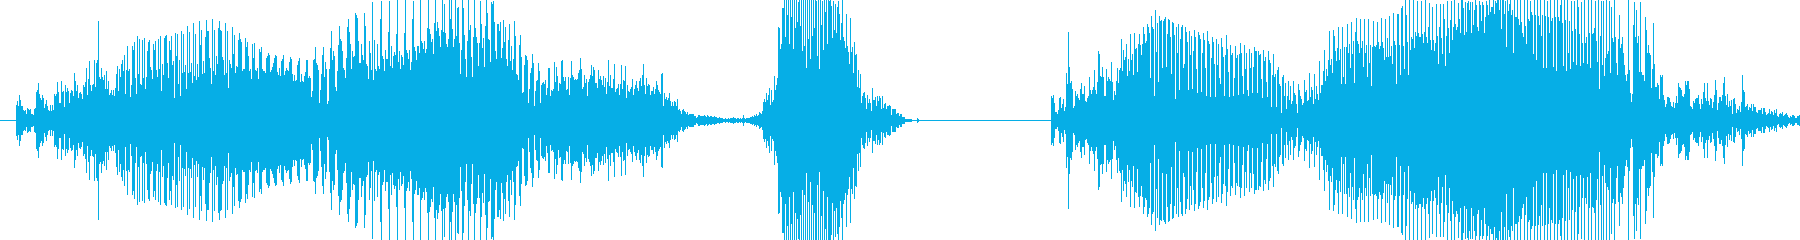 クエストクリア!の再生済みの波形